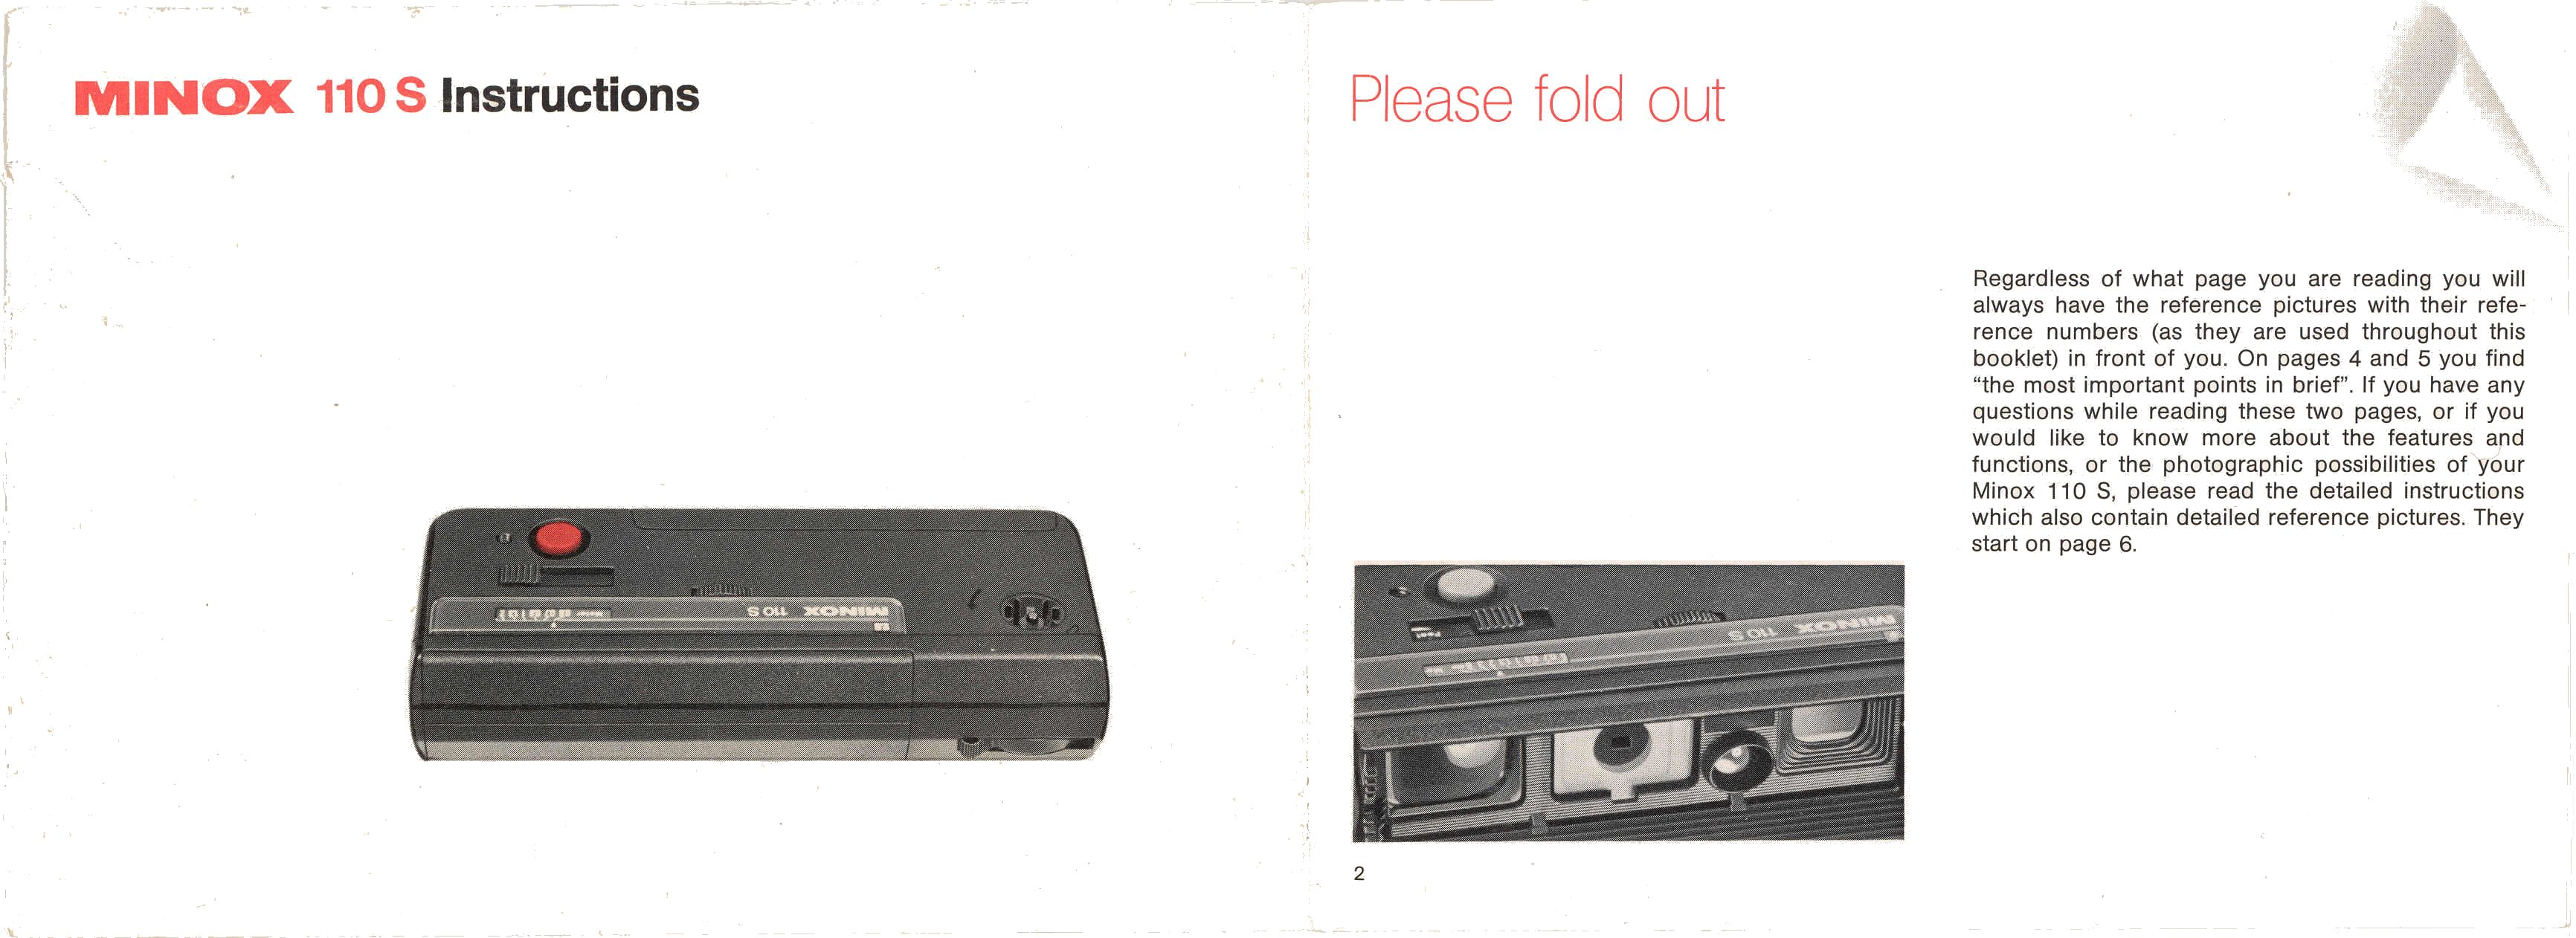 Minox 110s Manual